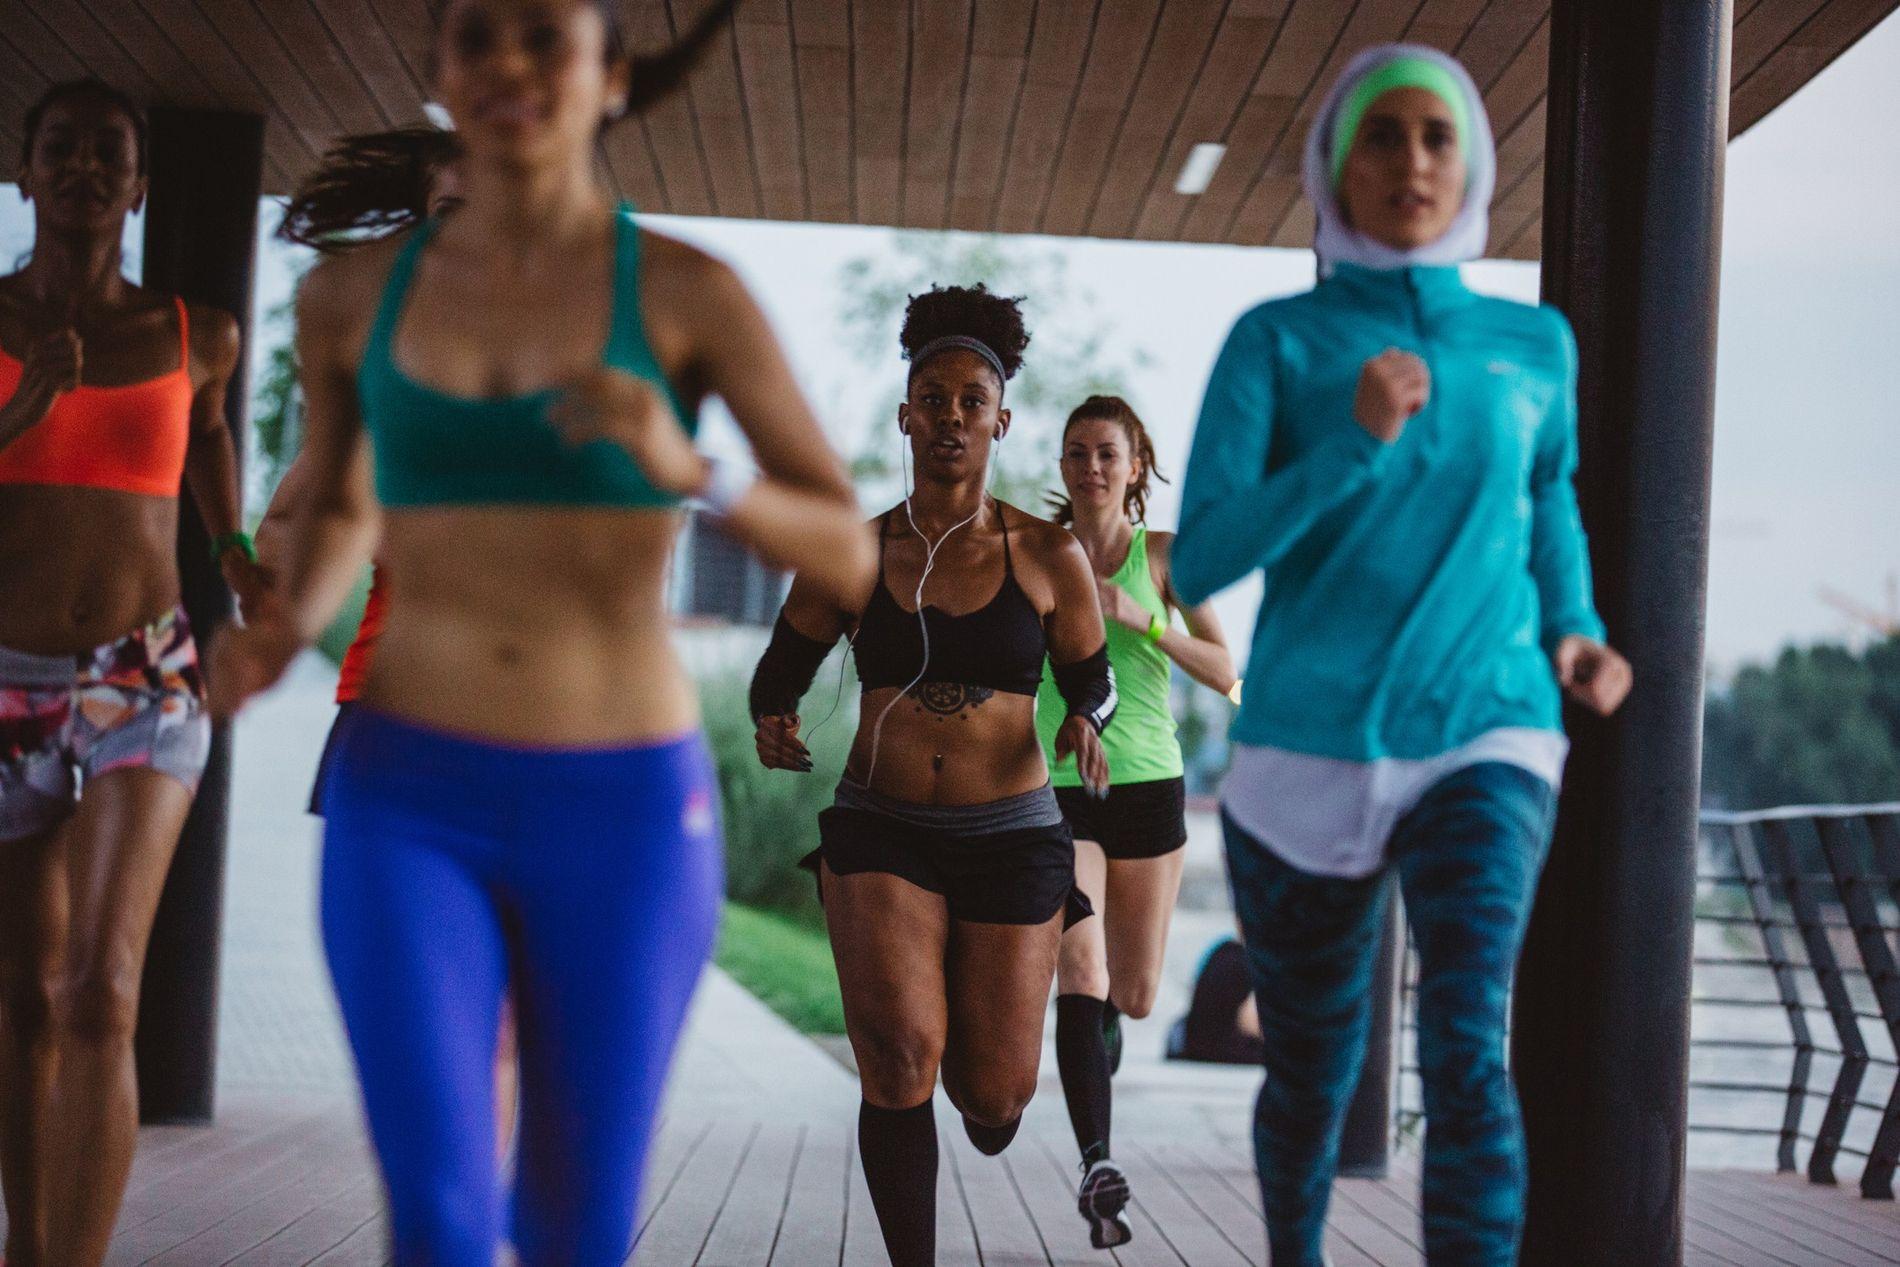 Lors de course sur de longue distance, type ultramarathon de plus de 100 km, les femmes ...